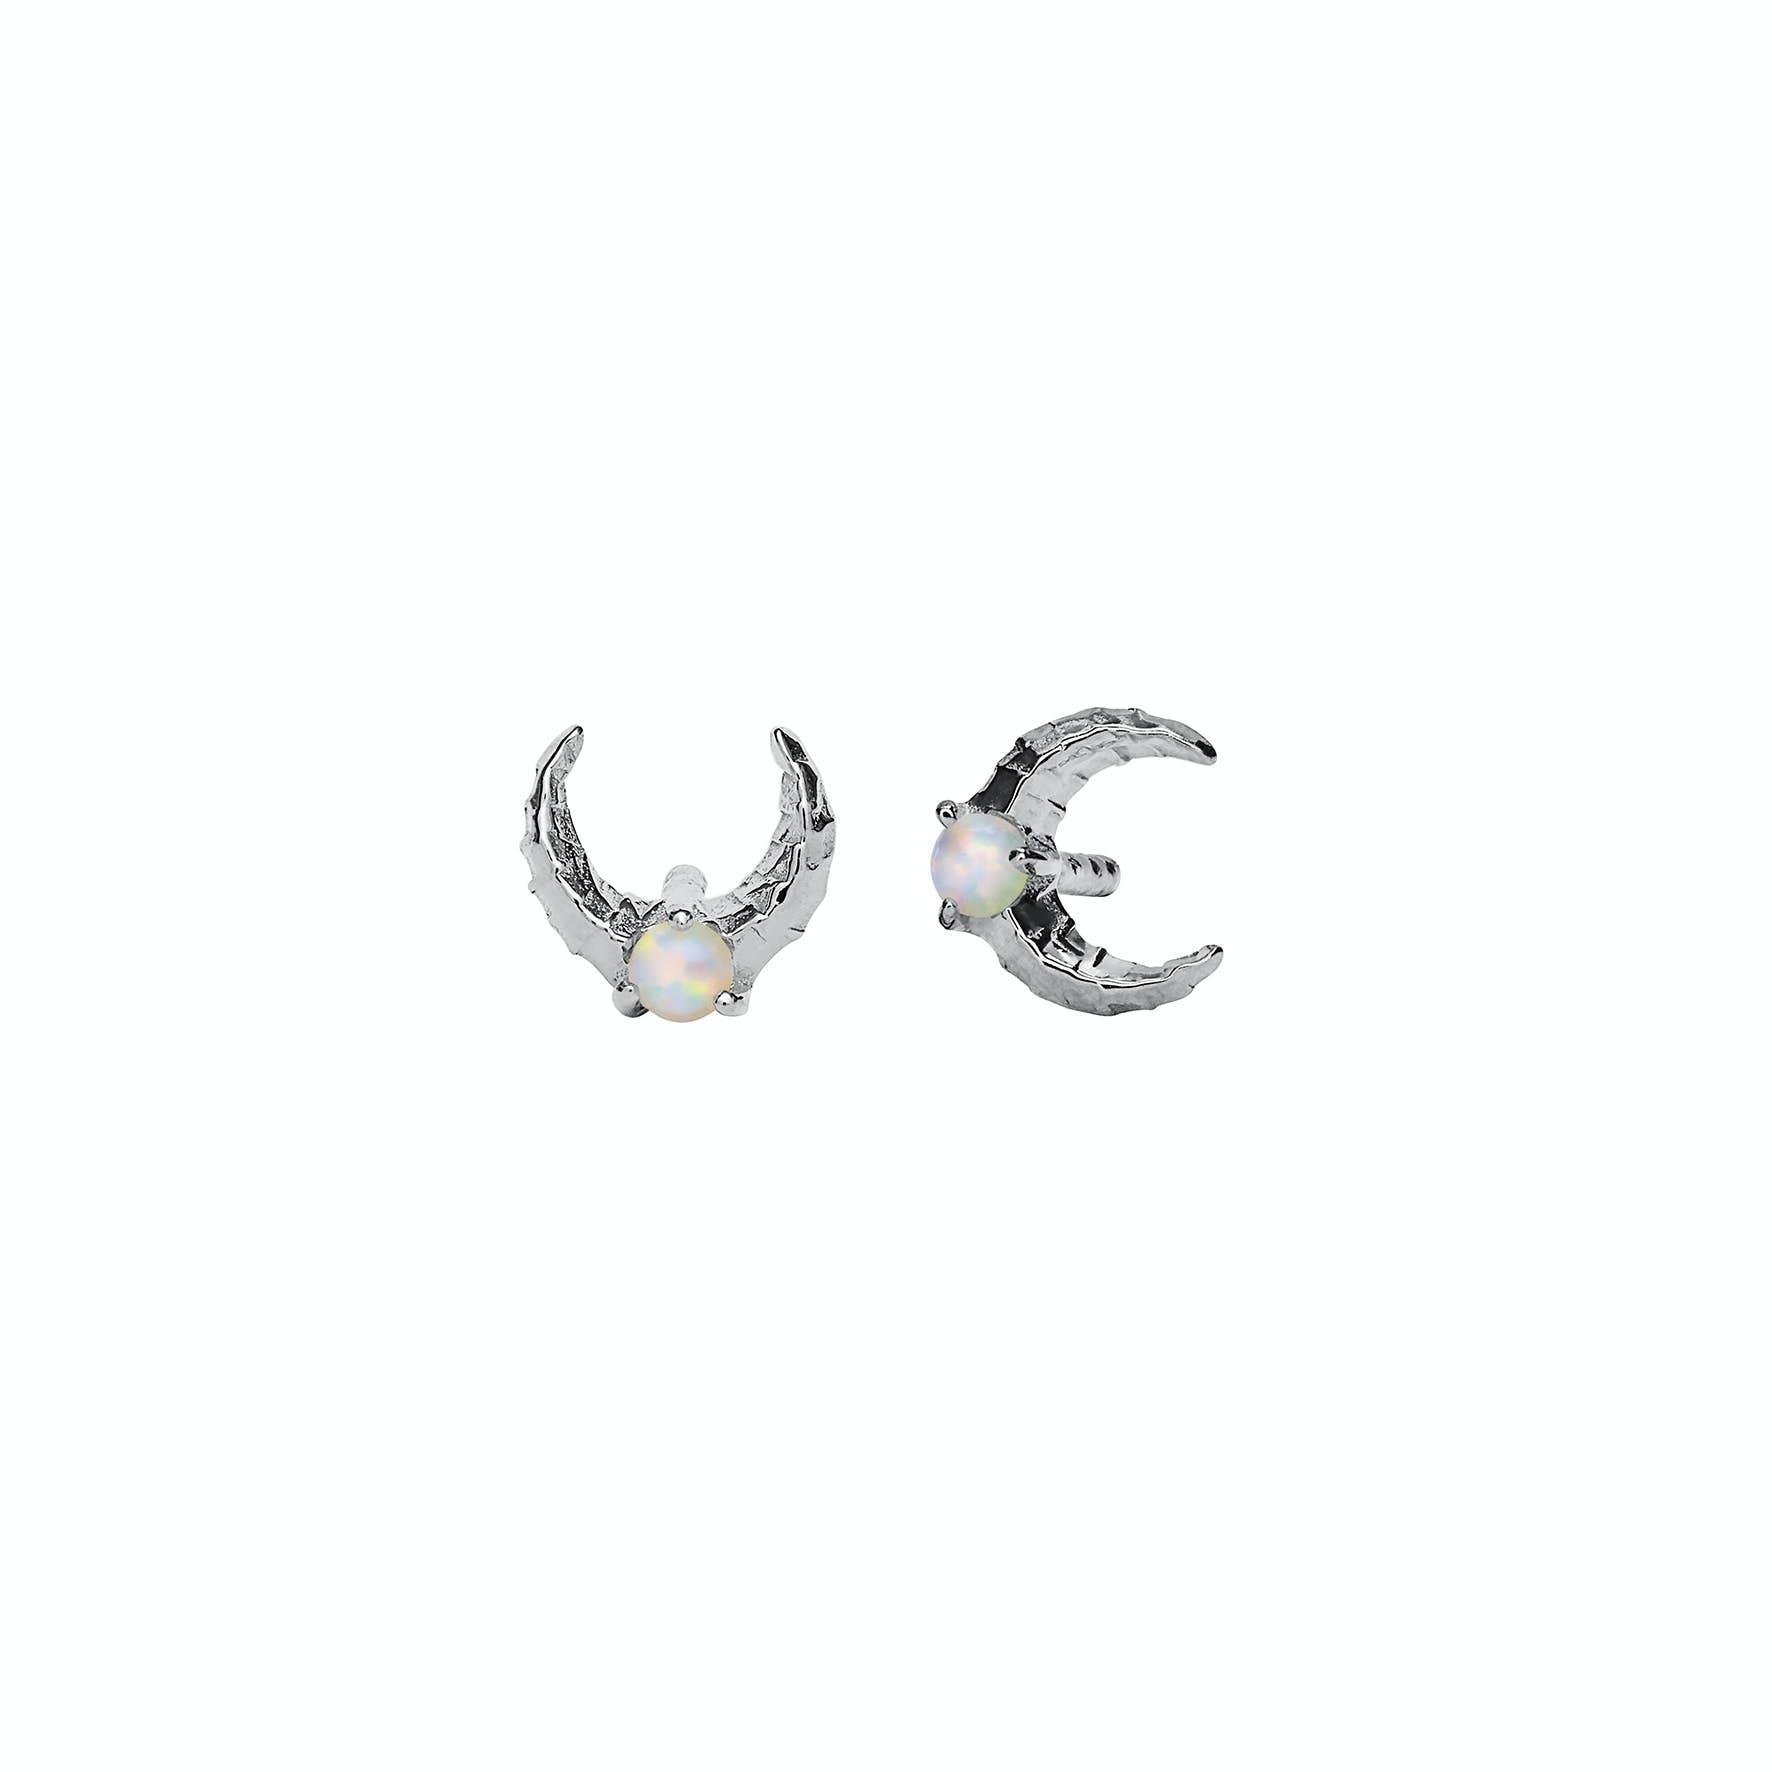 Nynette Earrings from Maanesten in Silver Sterling 925